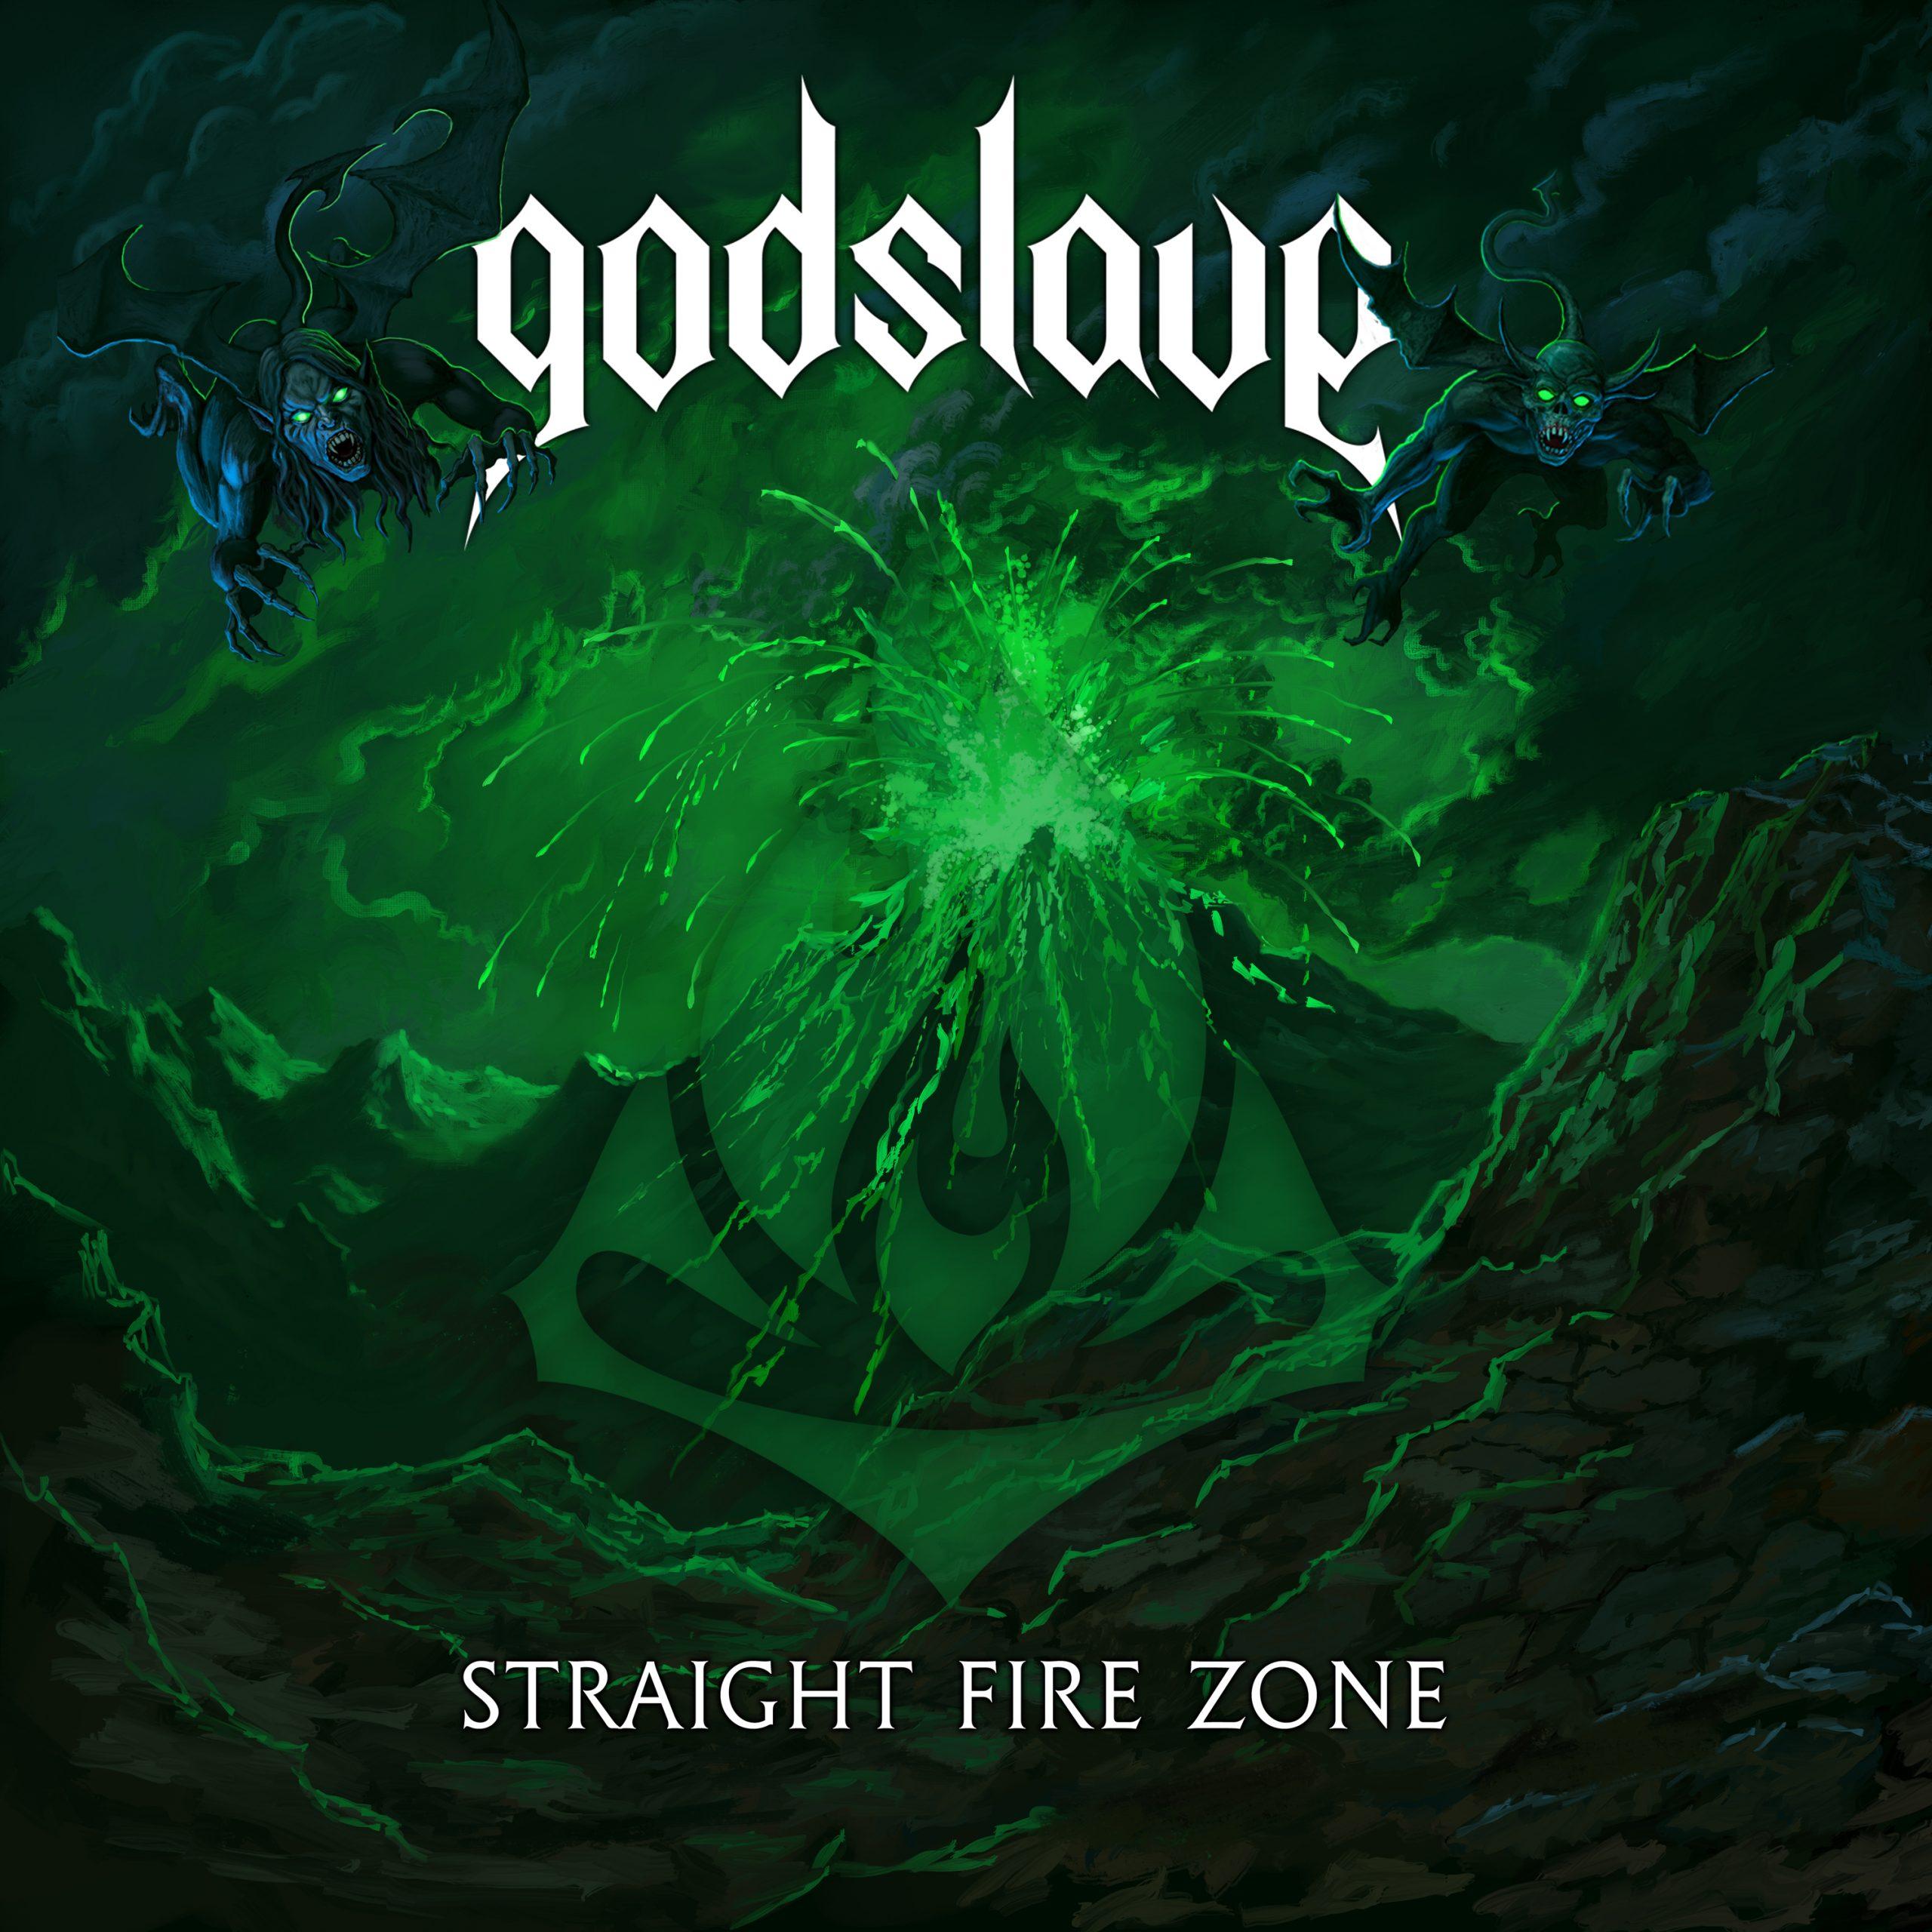 """GODSLAVE veröffentlicht mit """"Straight Fire Zone"""" die zweite Single aus dem kommenden Album """"Positive Aggressive"""" (Metalville / Rough Trade – VÖ 23.07.)."""